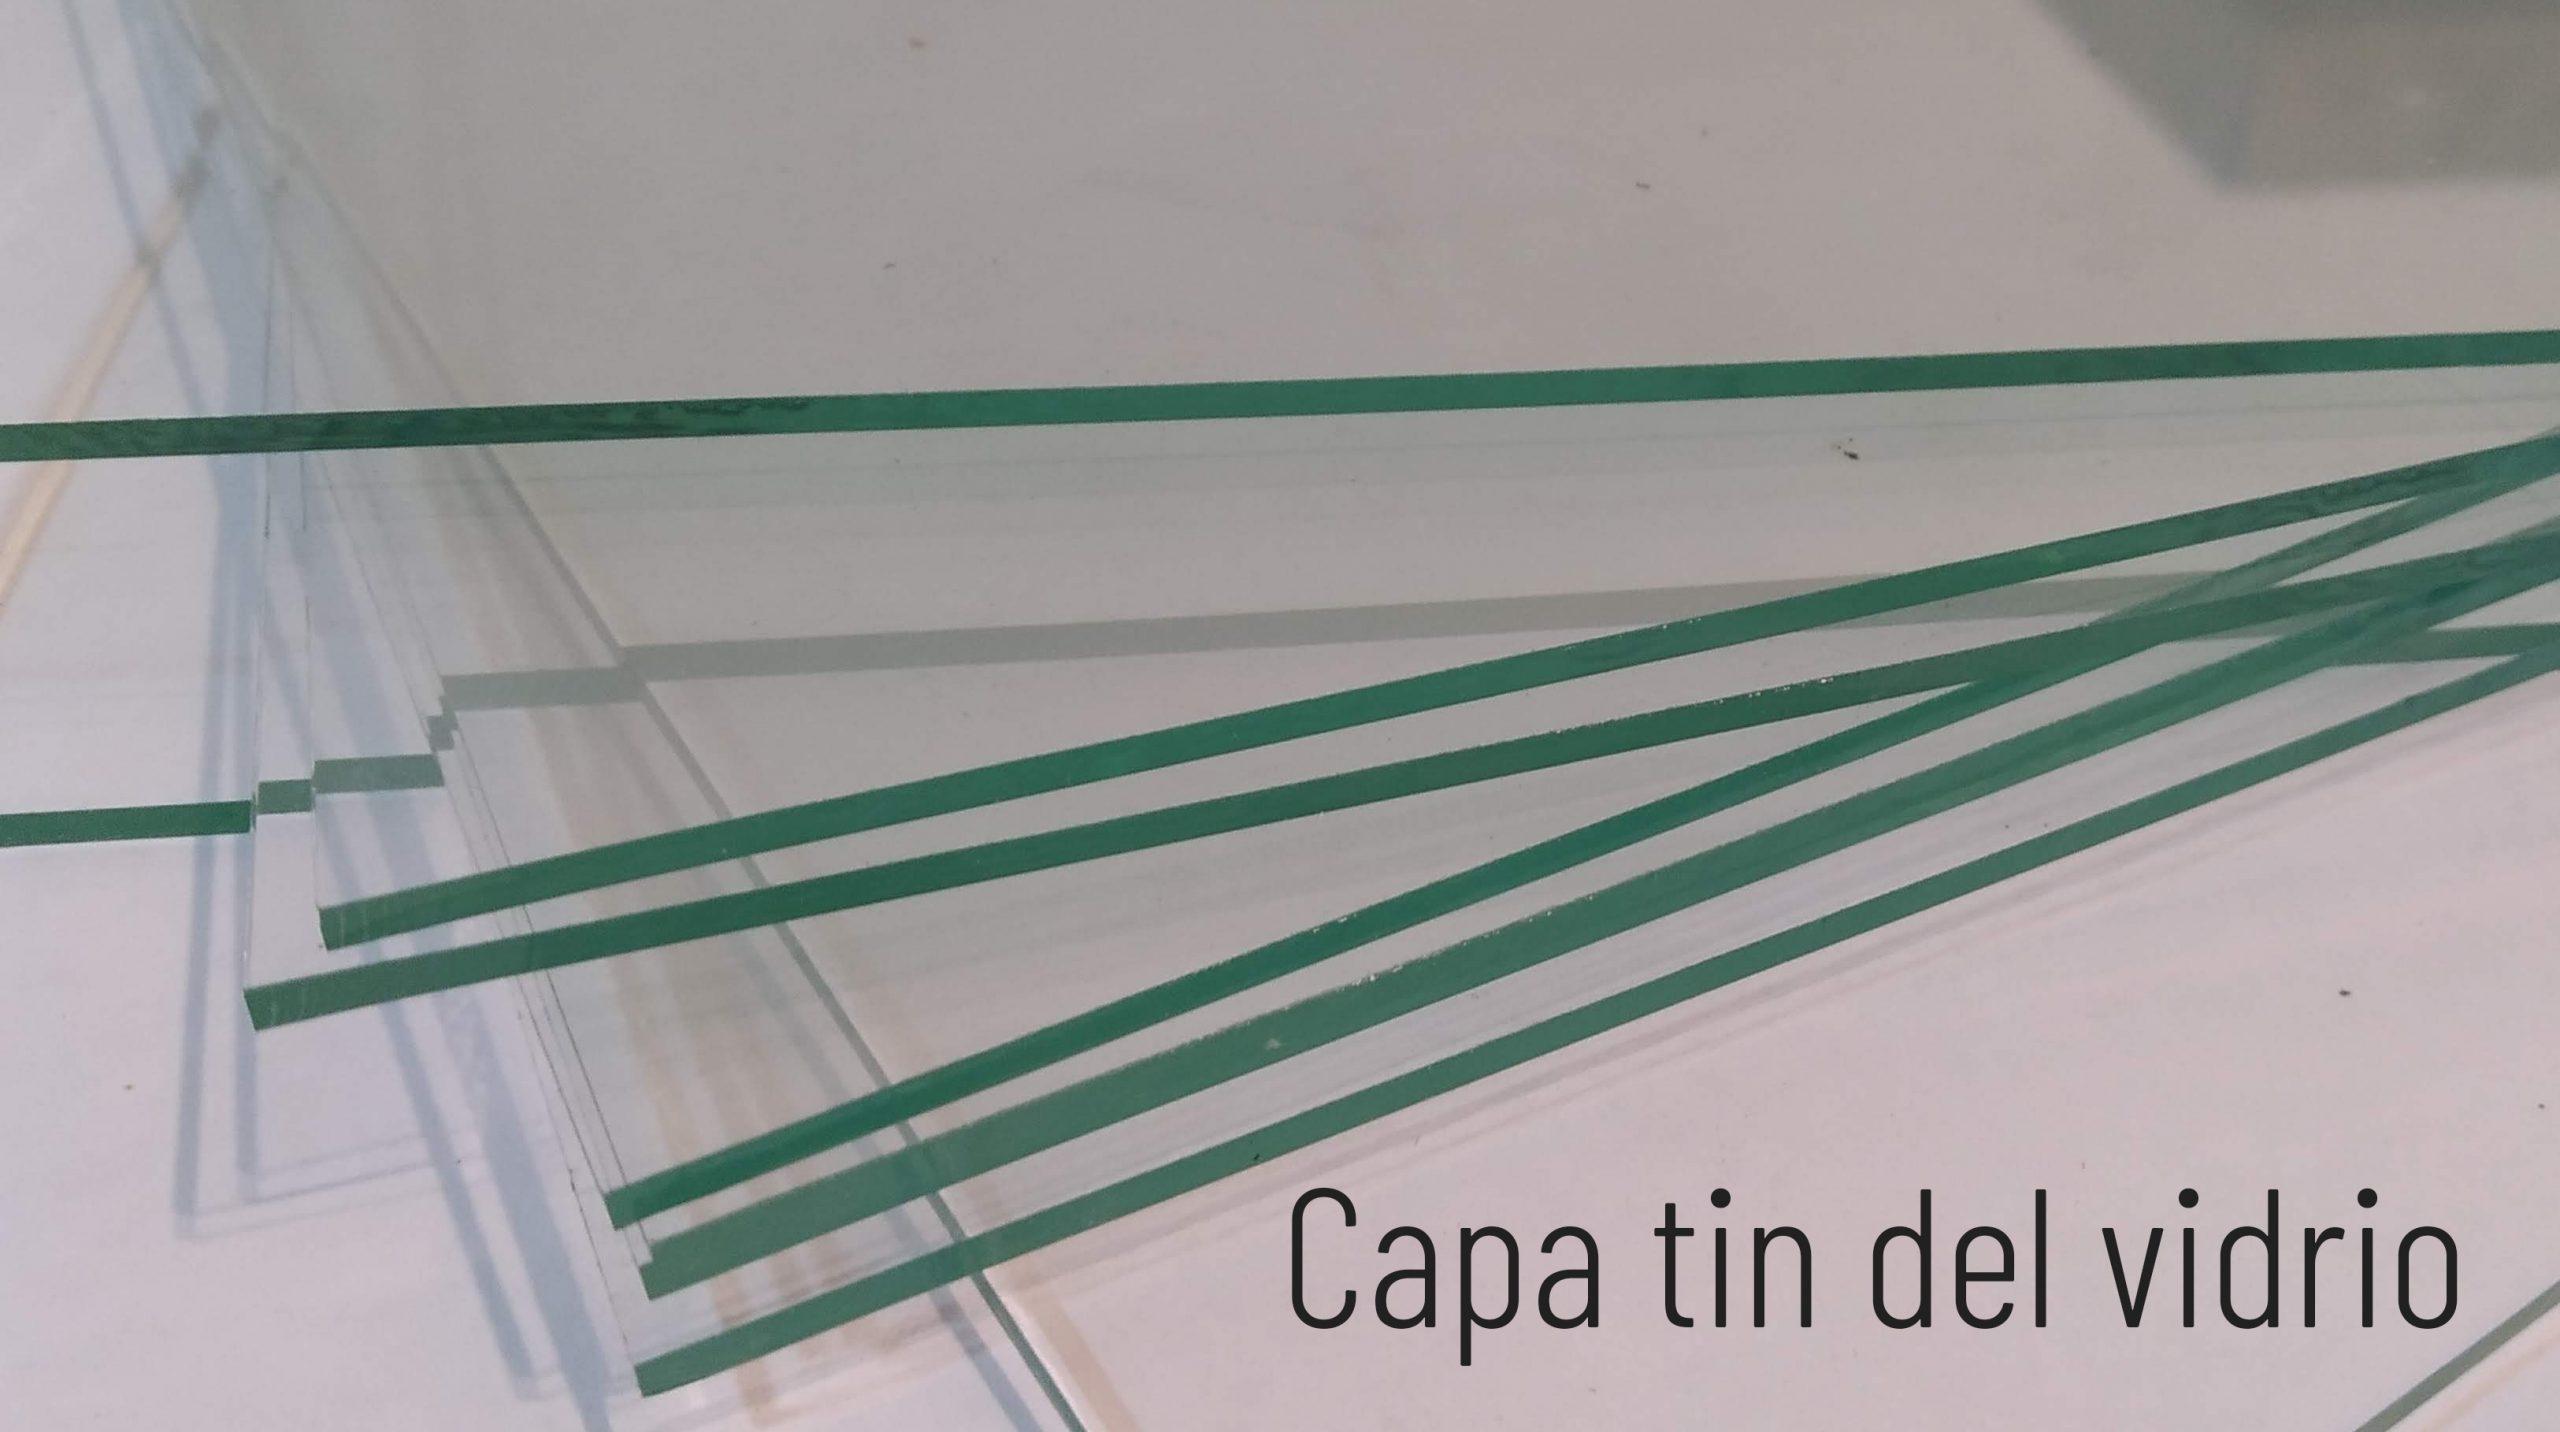 Read more about the article Vitrofusión: ¿Qué es la capa tin del vidrio y como distinguirla?